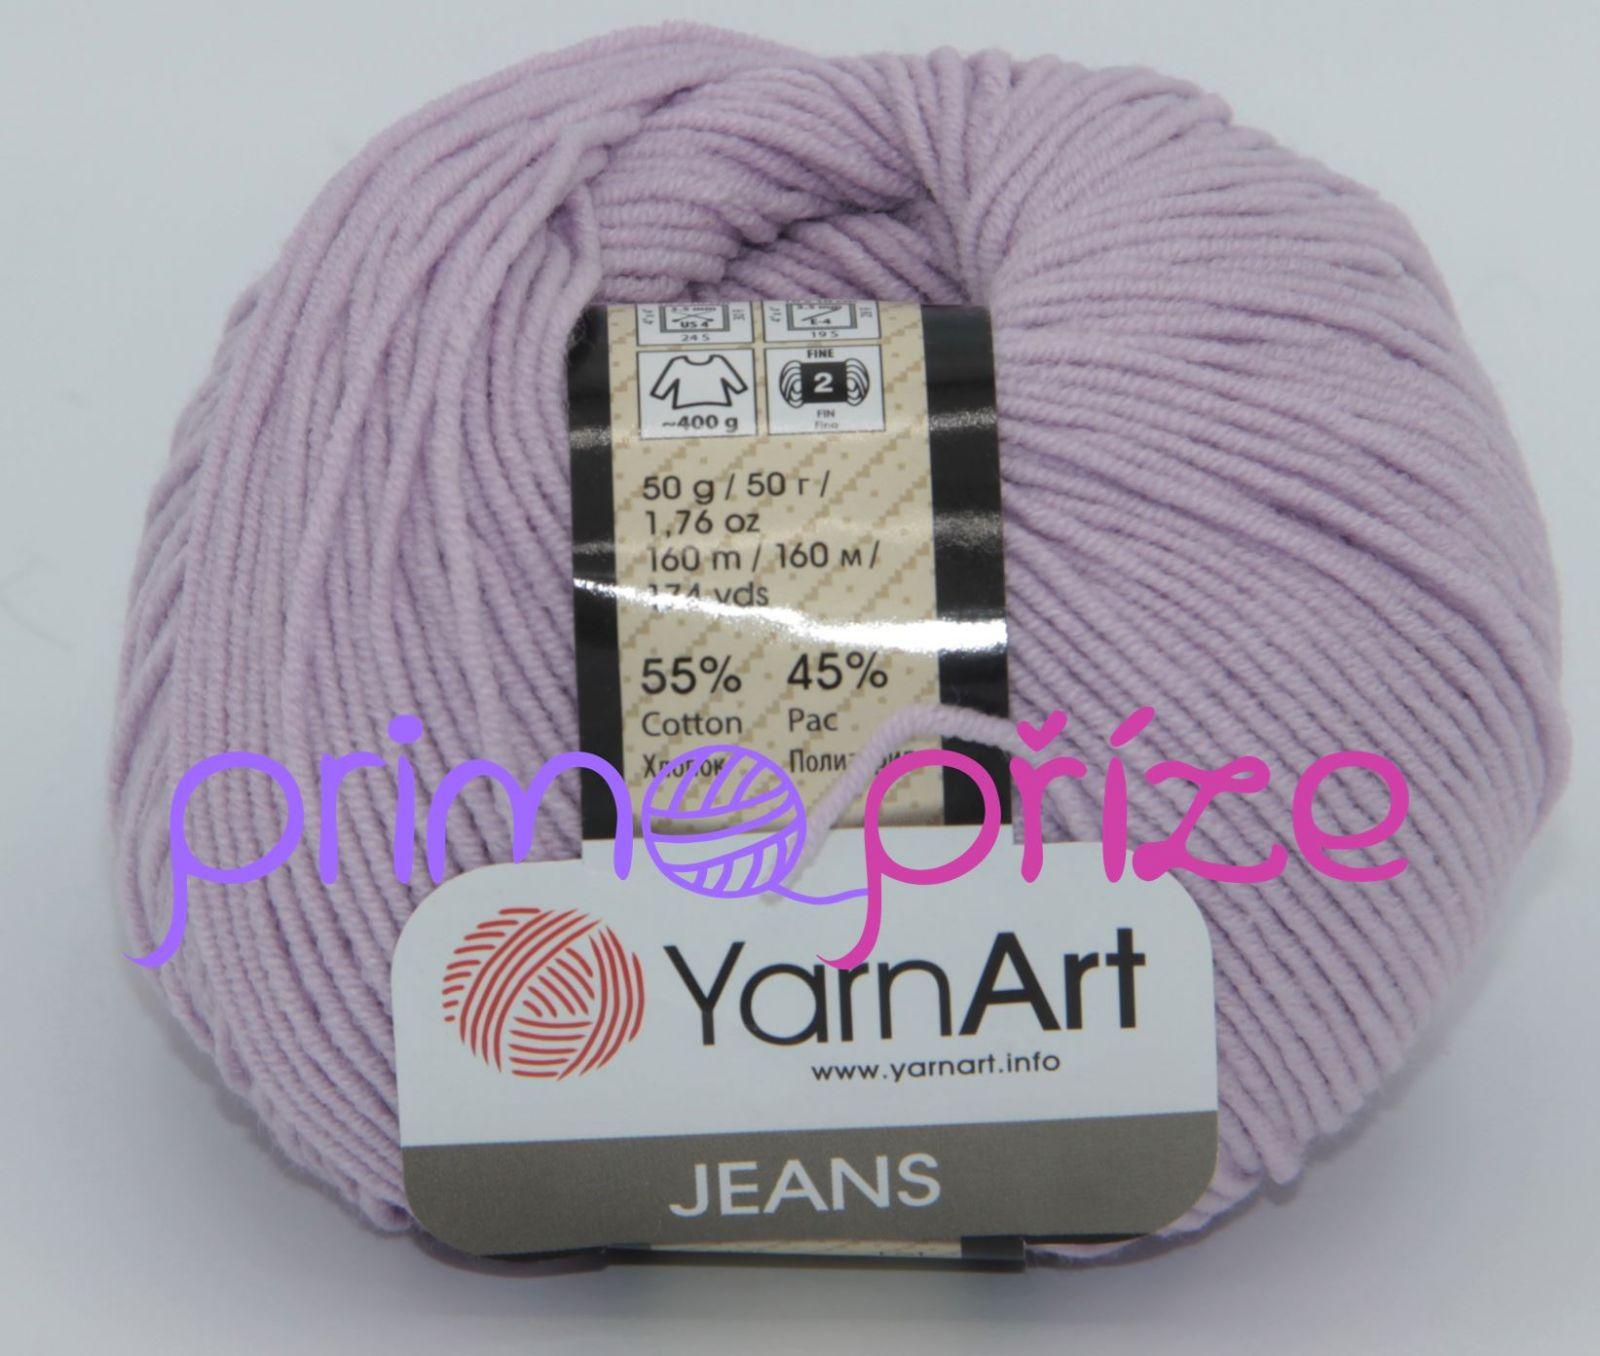 YarnArt Jeans/Gina 19 fialková